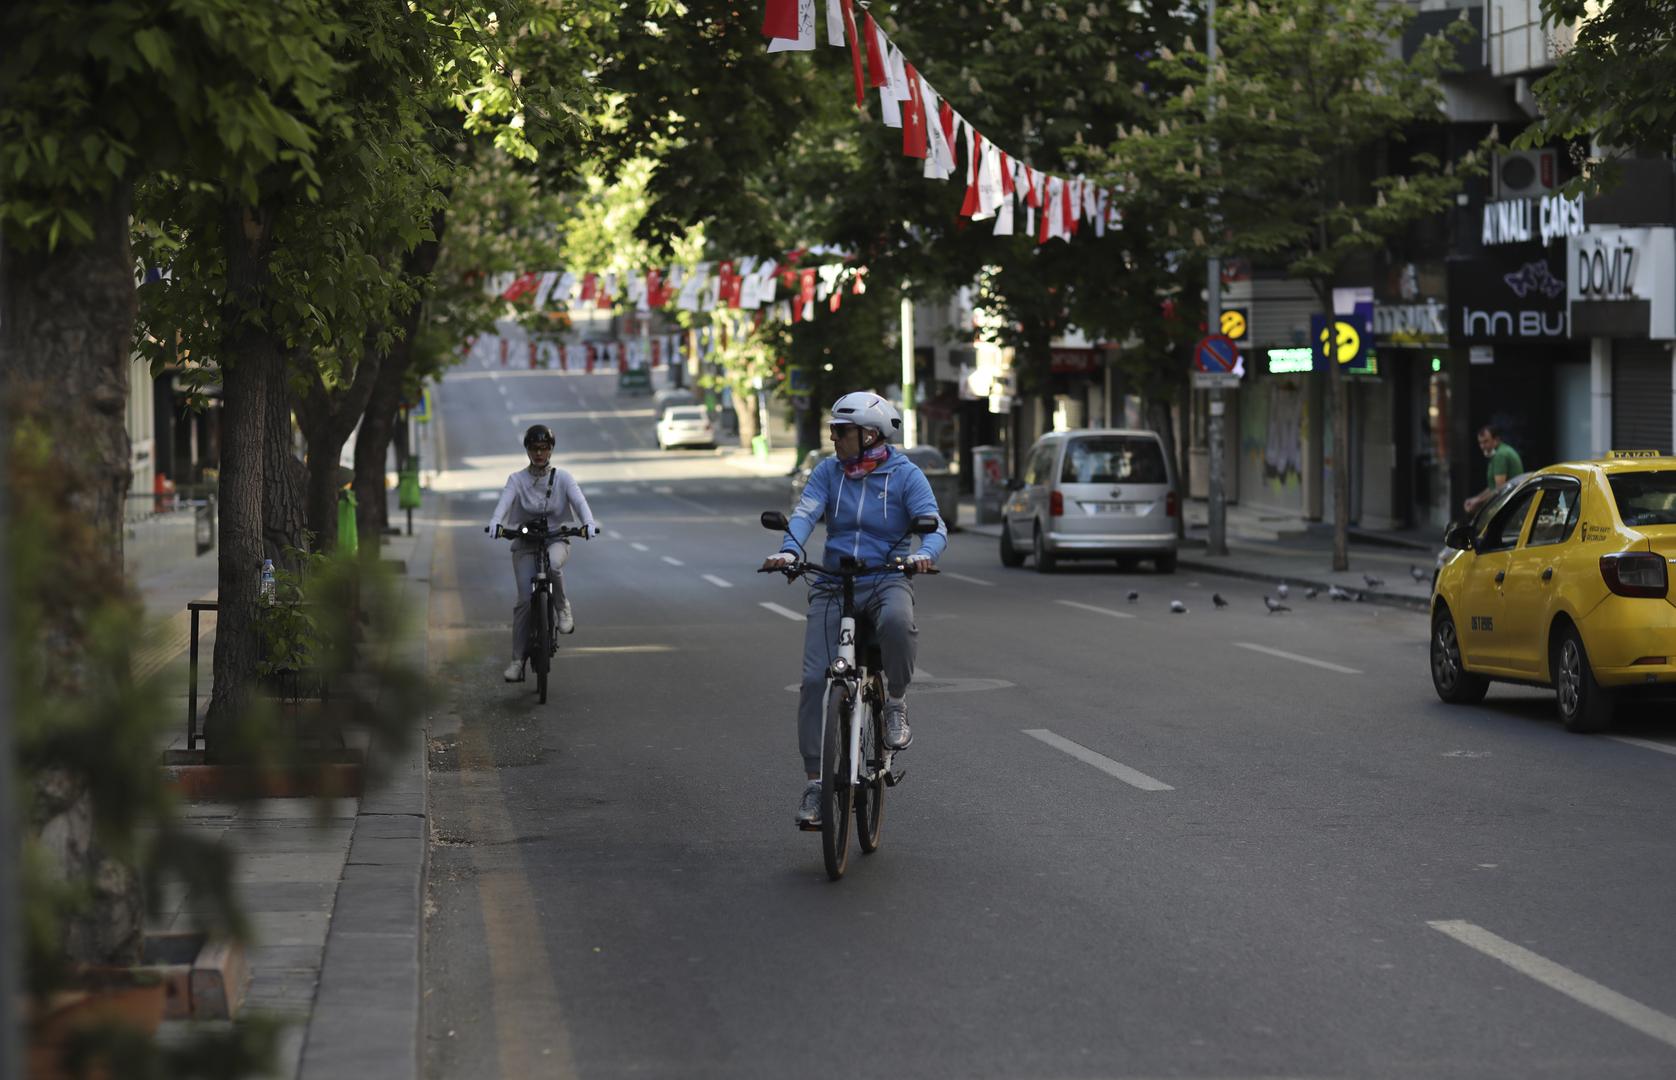 تركيا تعود تدريجيا إلى الحياة الطبيعية بعد إغلاق عام لمواجهة كورونا